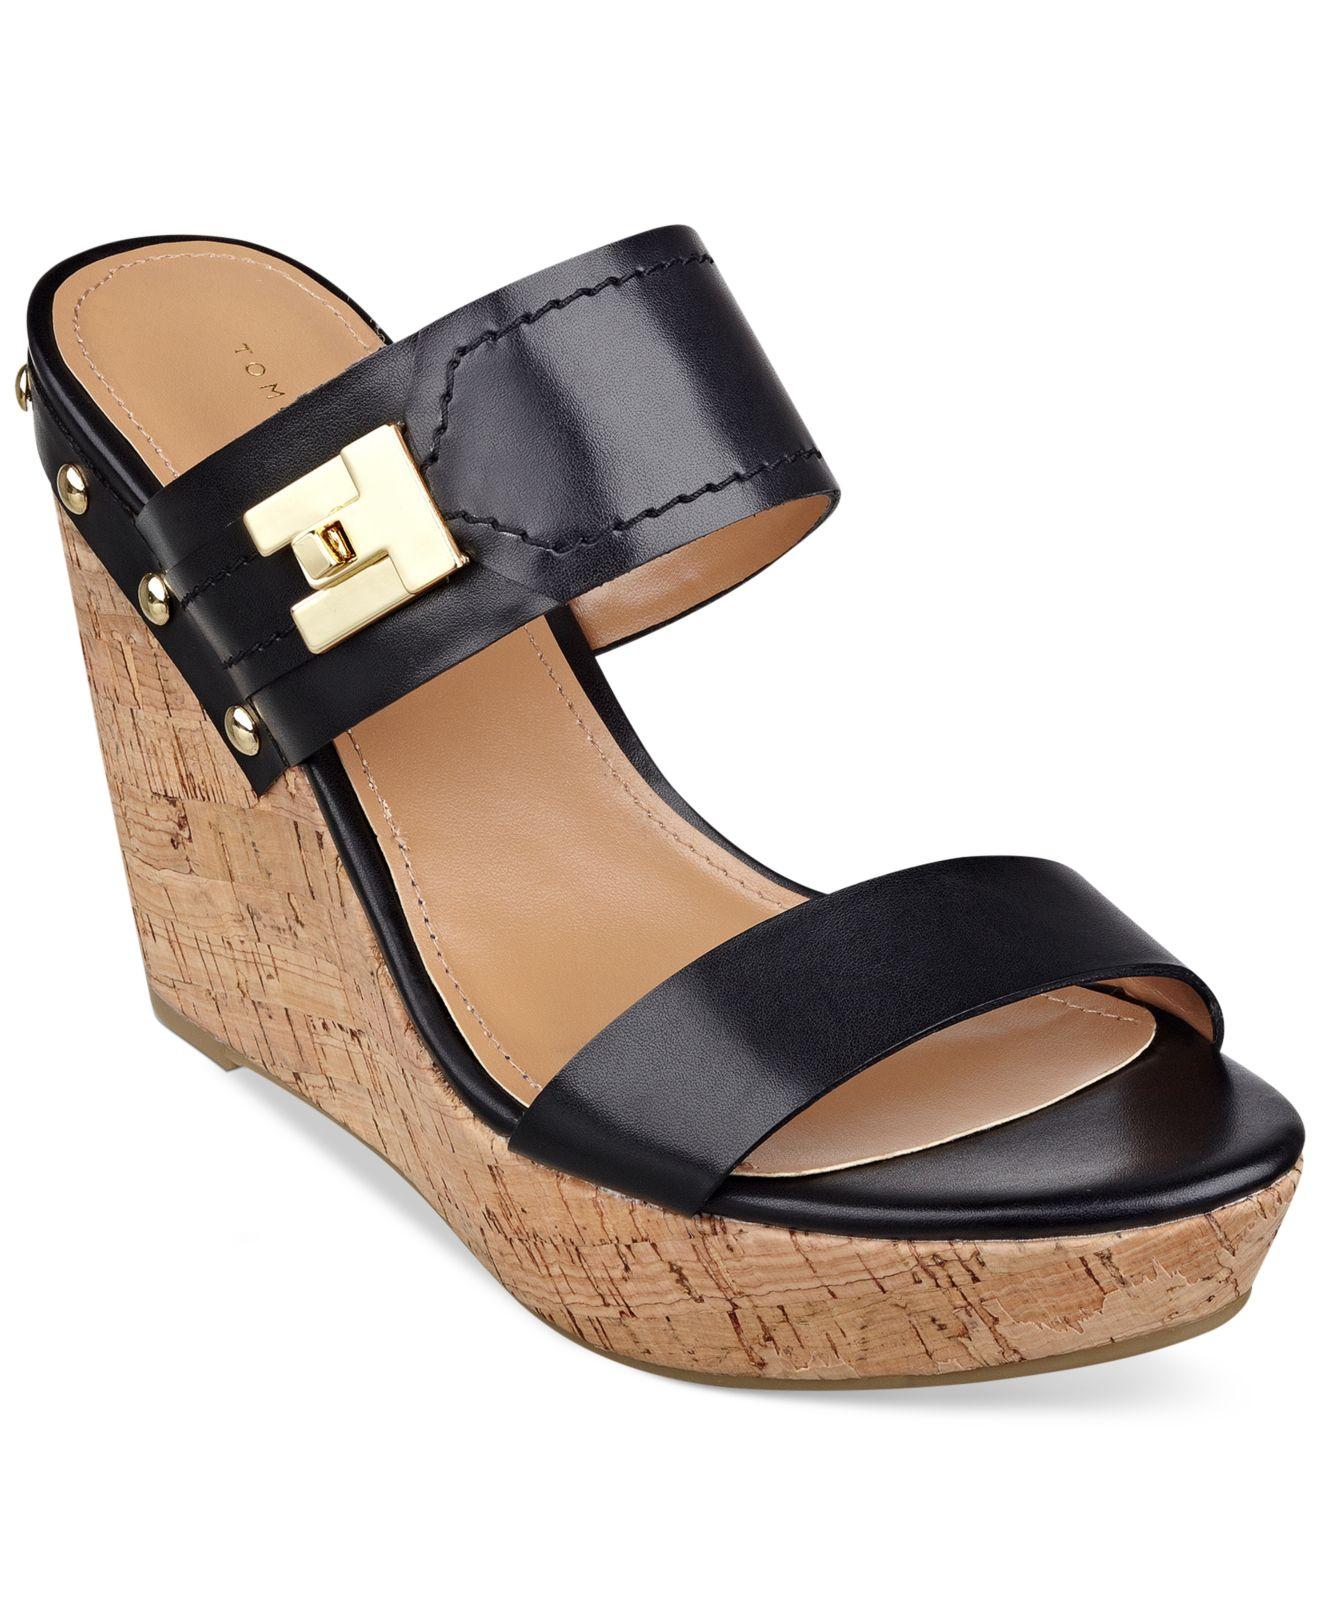 tommy hilfiger women 39 s madasen platform wedge sandals in black lyst. Black Bedroom Furniture Sets. Home Design Ideas